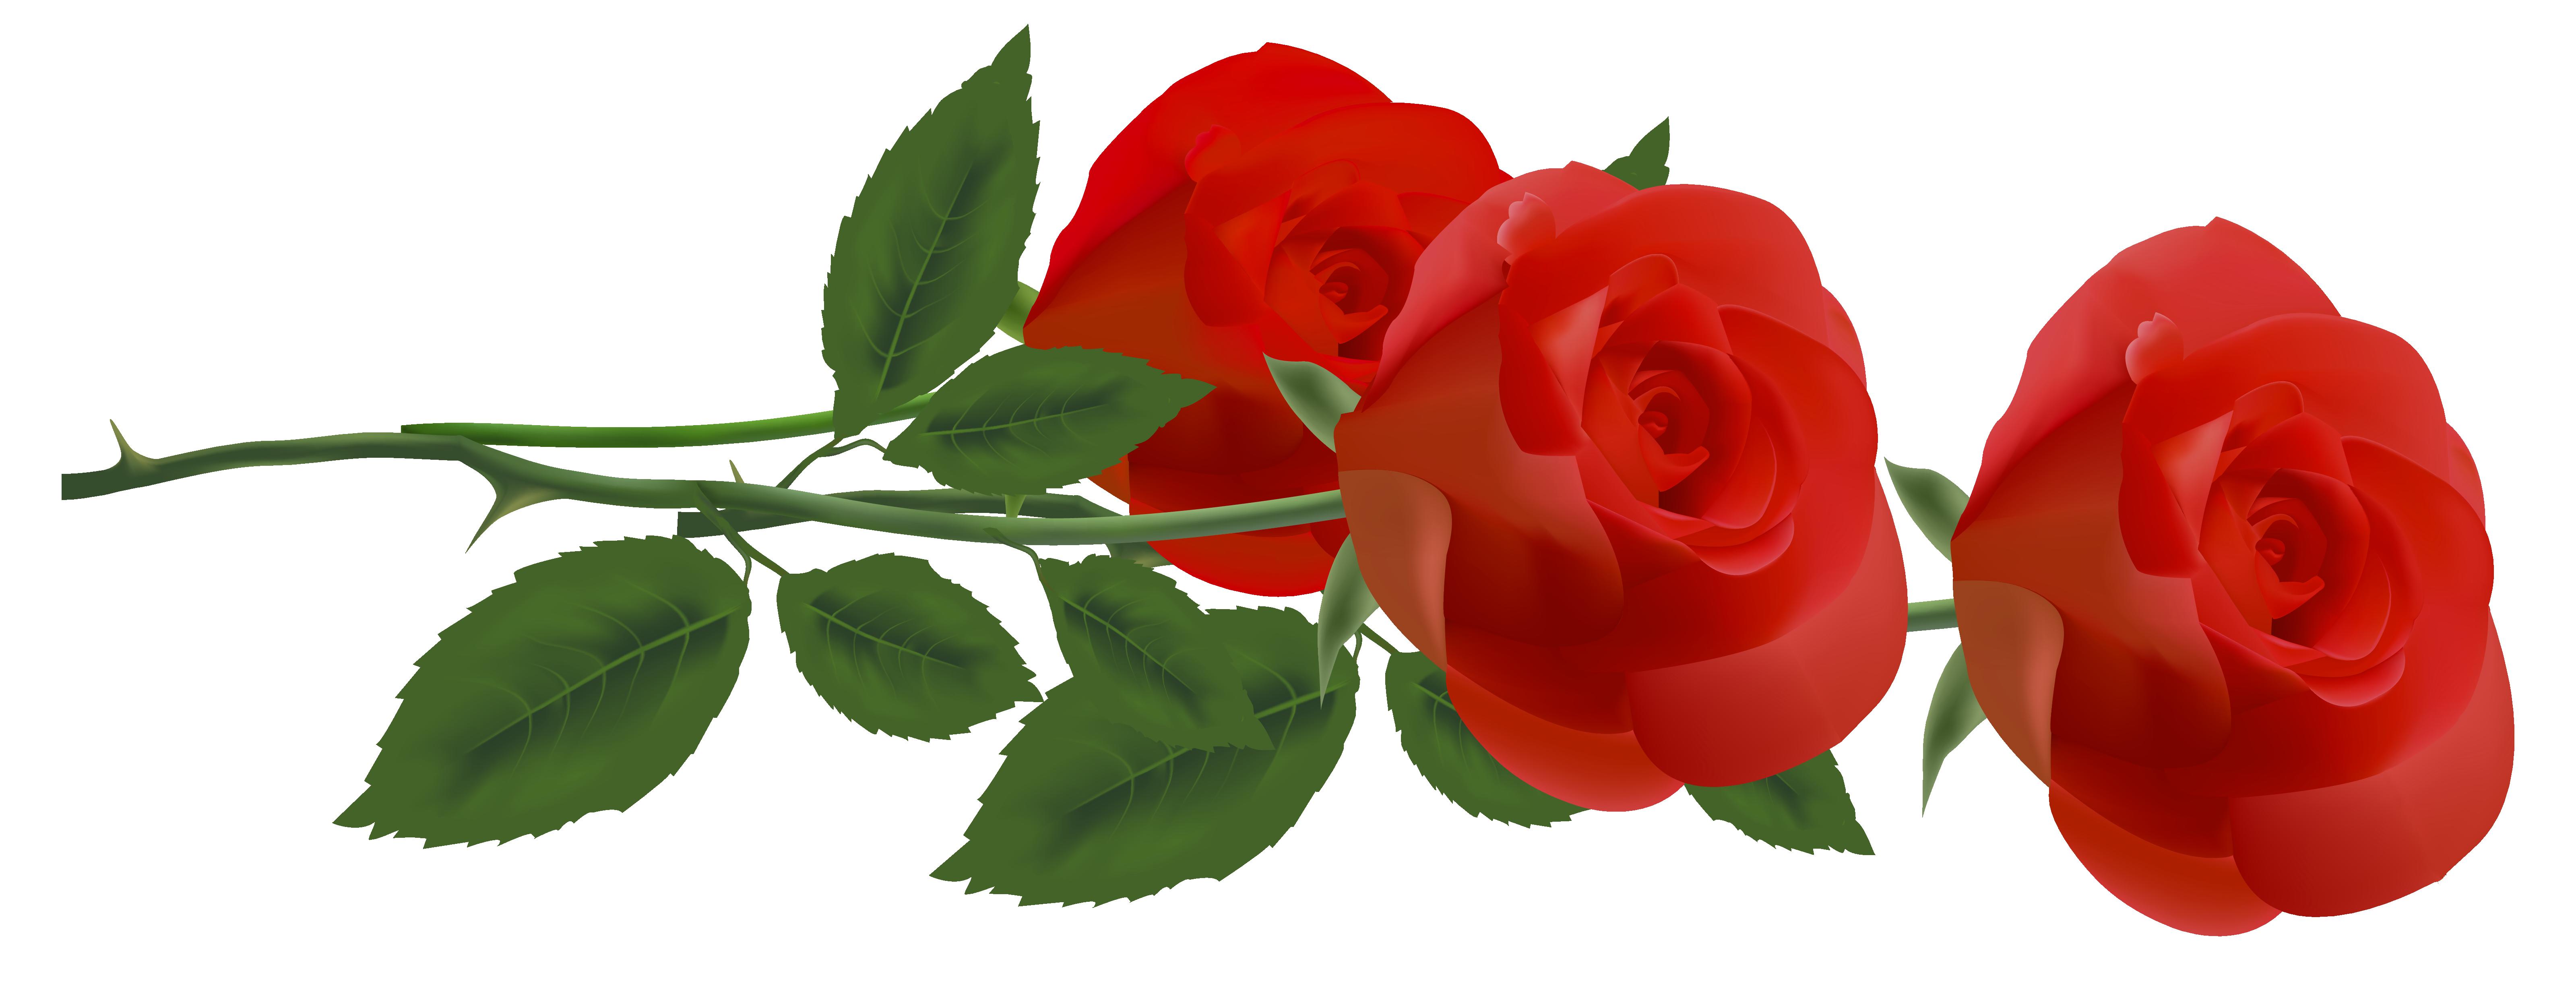 6399x2464 Top 75 Roses Clip Art